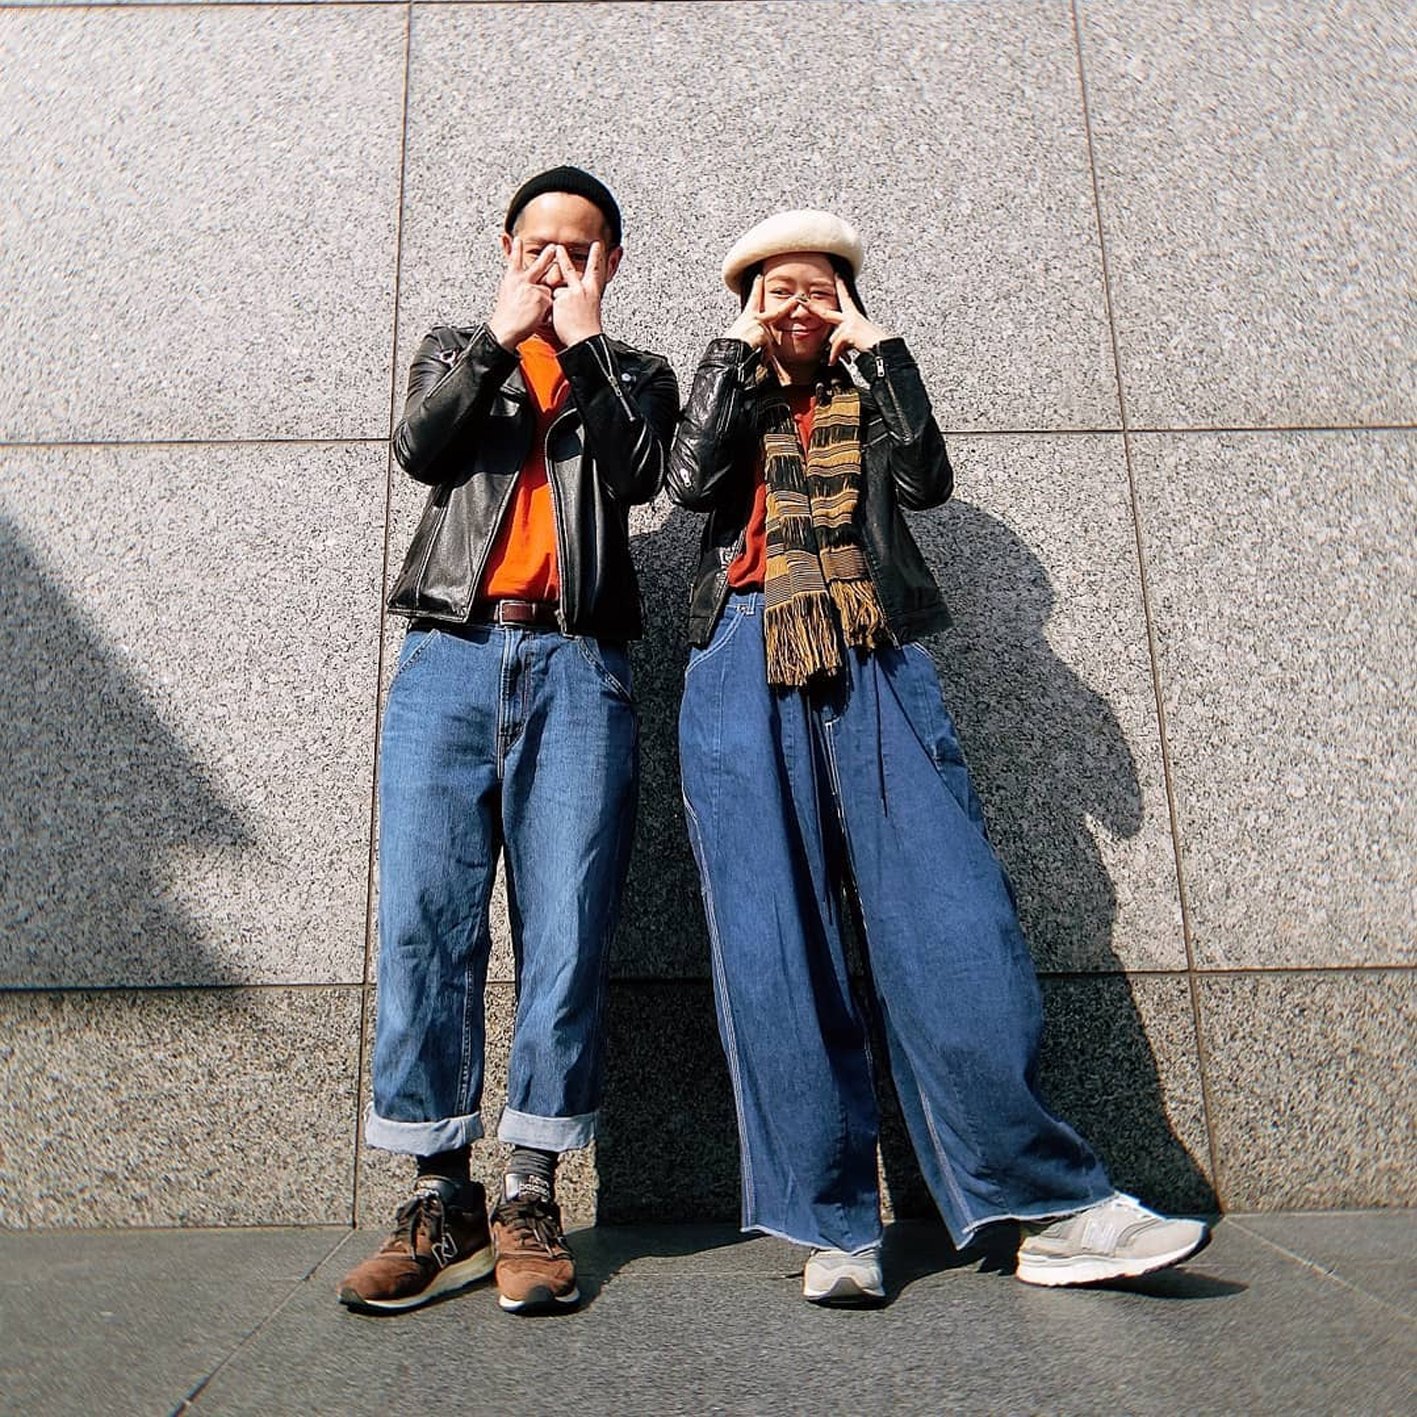 情侶,情侶穿搭,穿搭風格,穿搭型人,IG,plainme_snap,instagram,搭配,穿搭,搭配,型人,穿搭,IG型人穿搭,冬季穿搭,秋冬穿搭